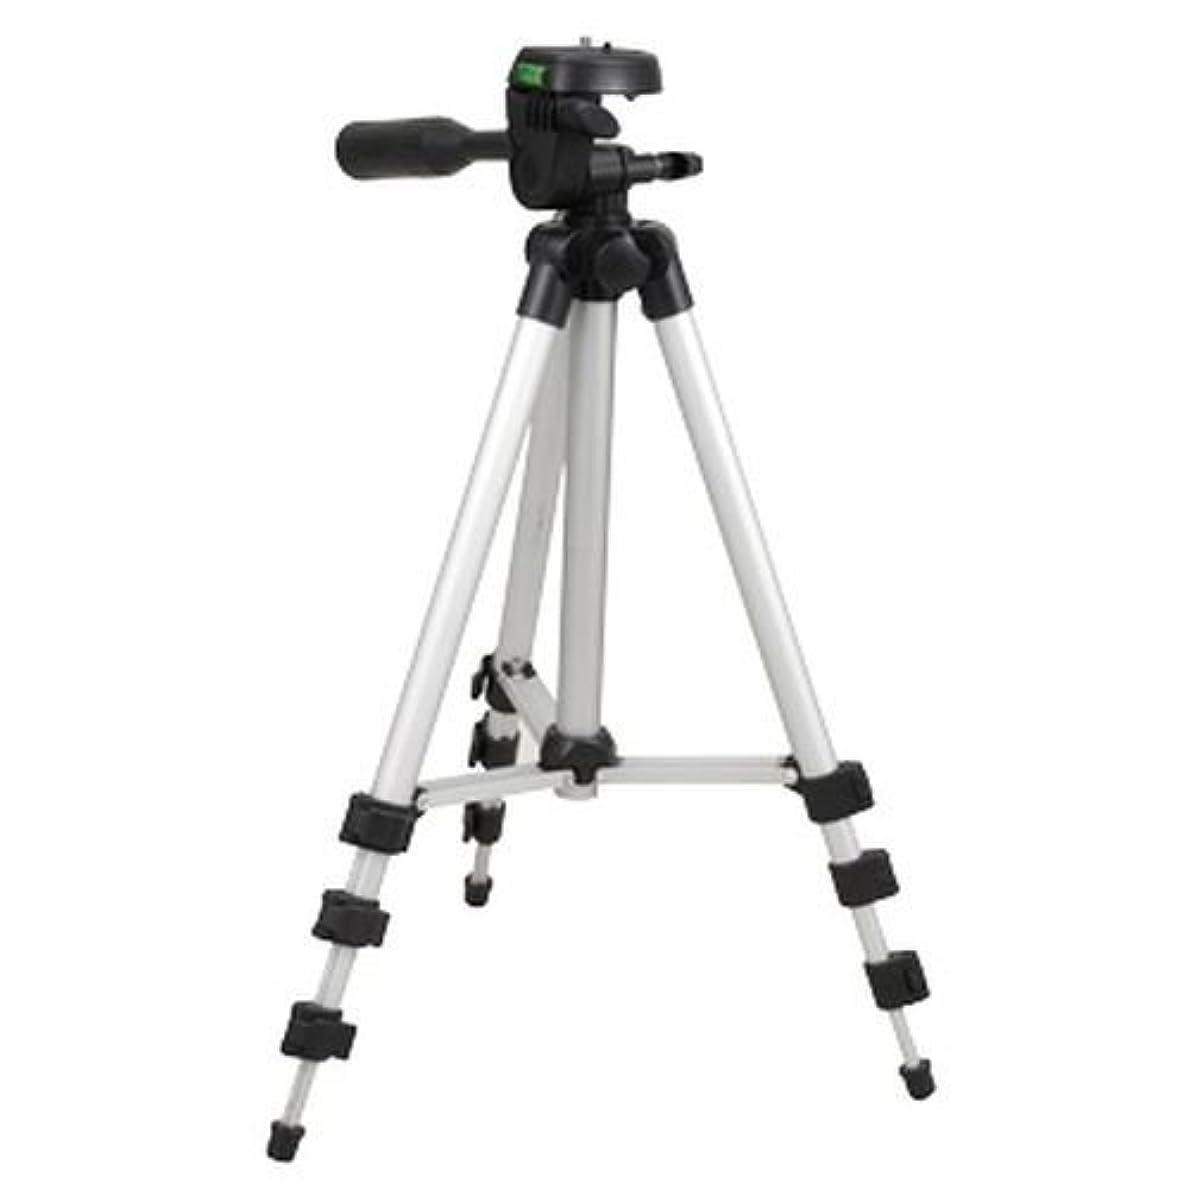 管理する配当オーム電機 カメラ三脚 軽量 1kg荷重まで OCT-001 OCT-001